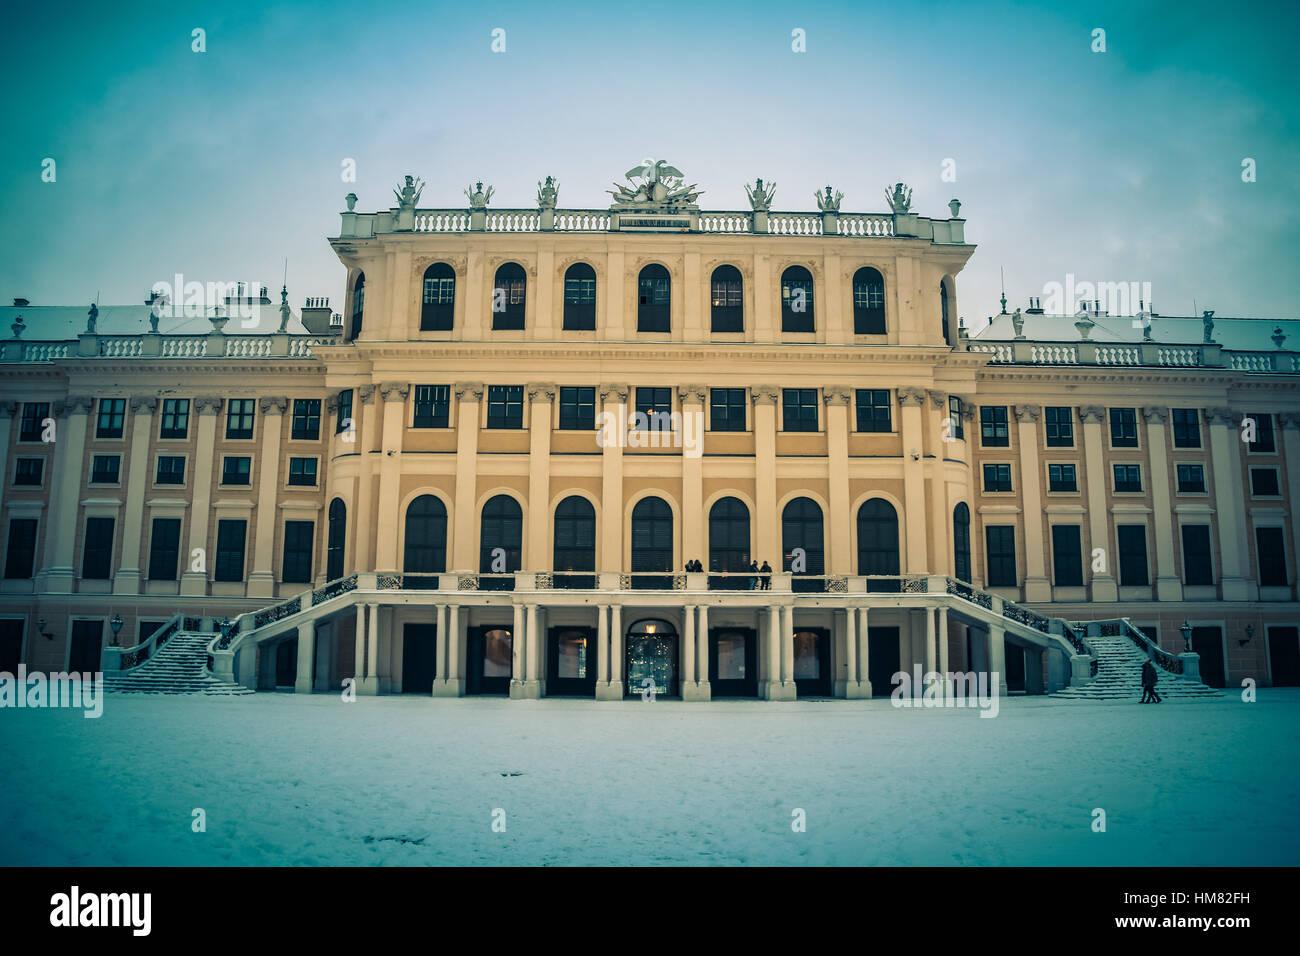 L'humeur d'hiver au parc et le palais de Schönbrunn à Vienne Photo Stock